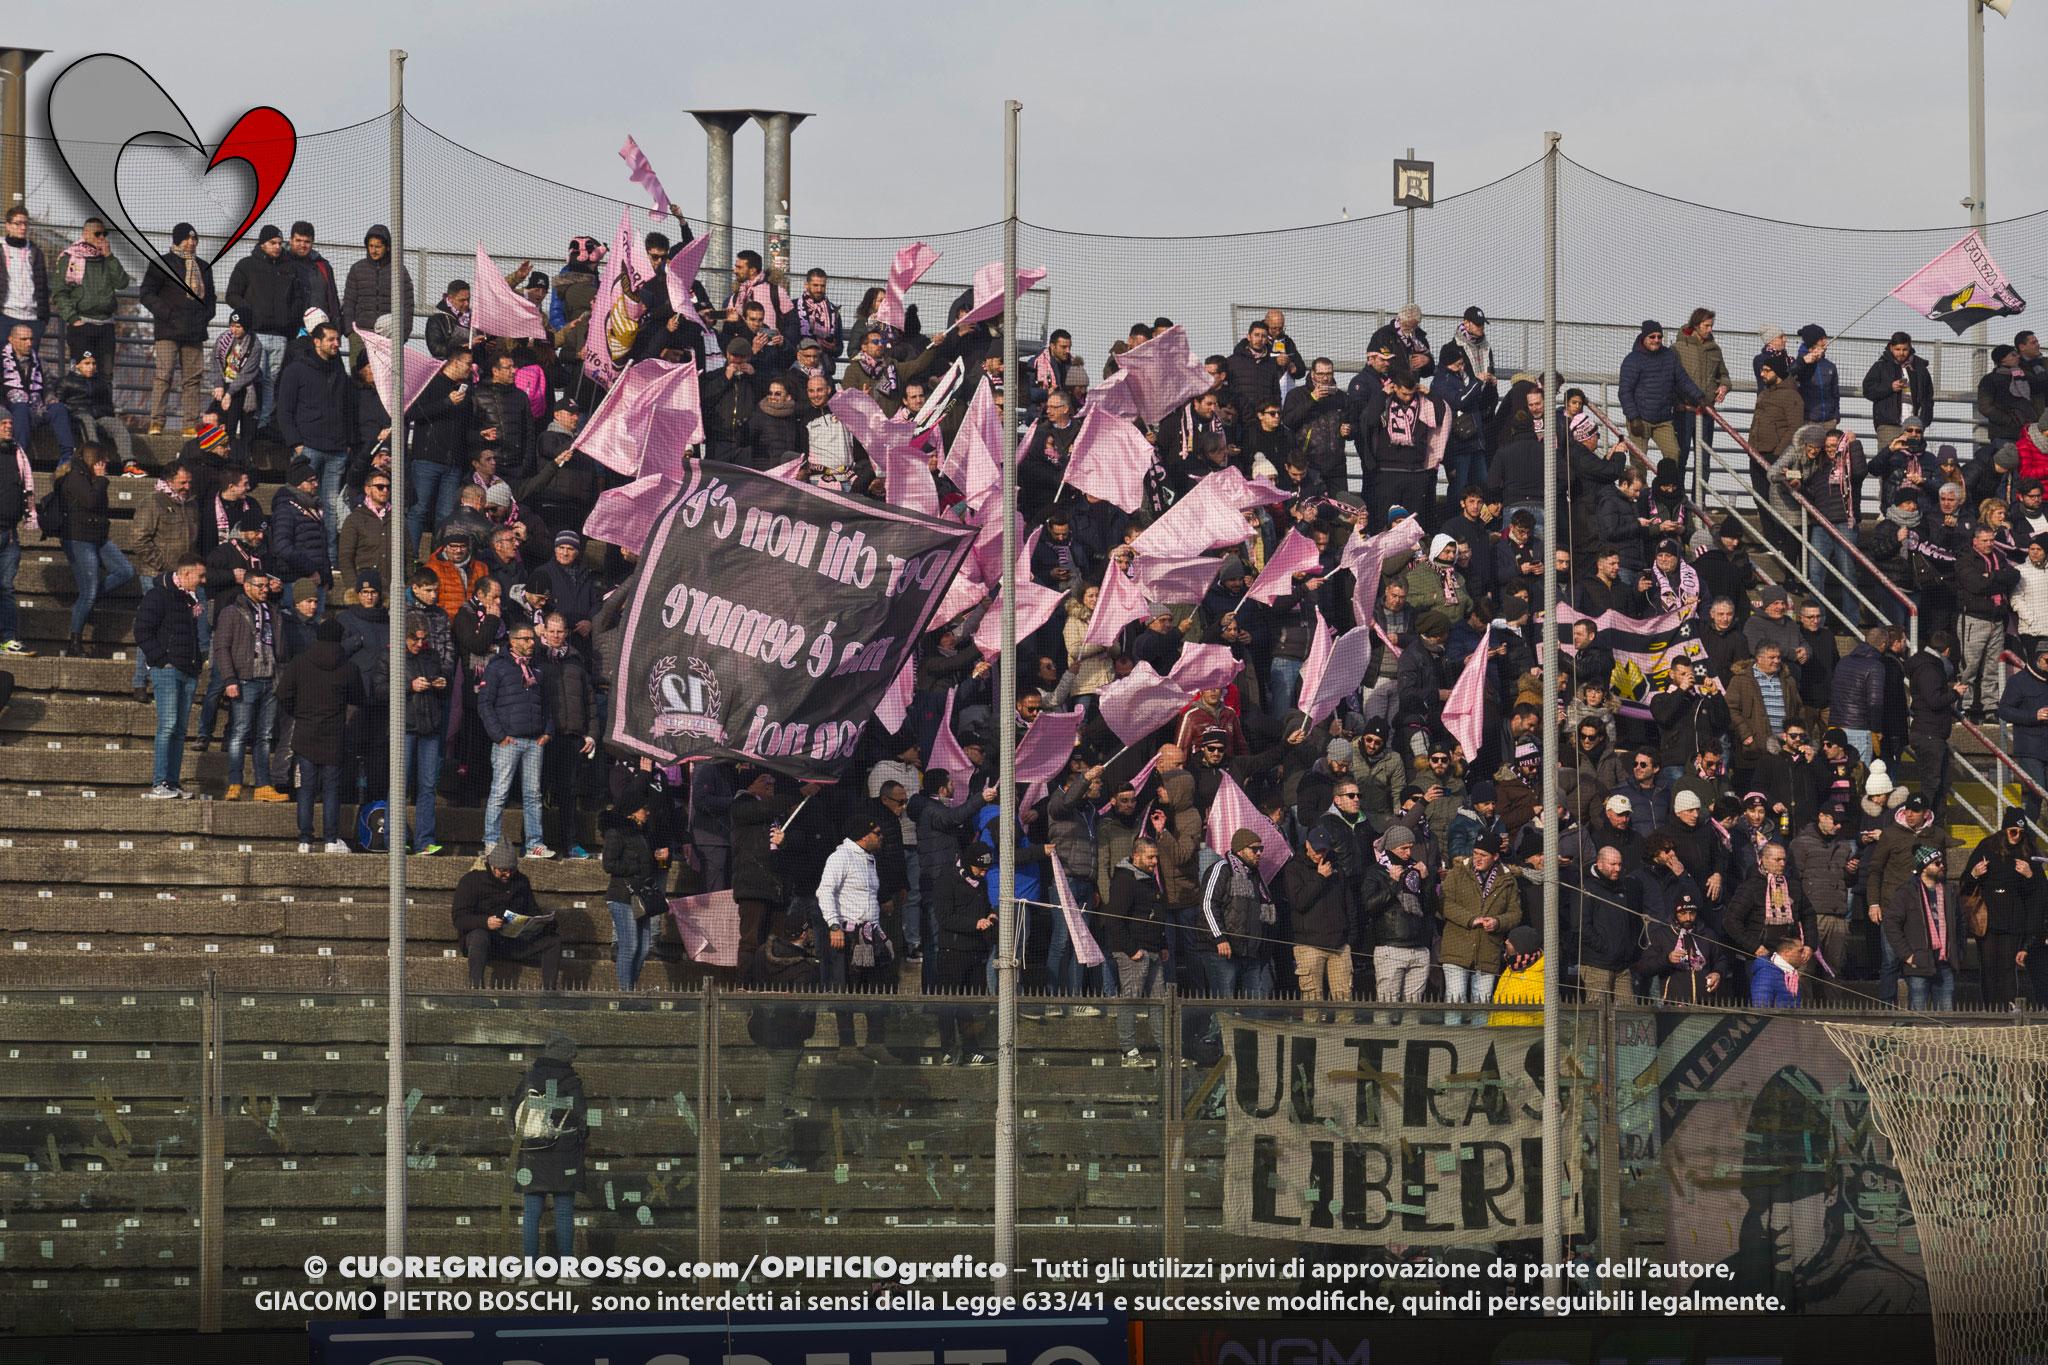 Serie B, Palermo vicino all'esclusione. Venezia spera